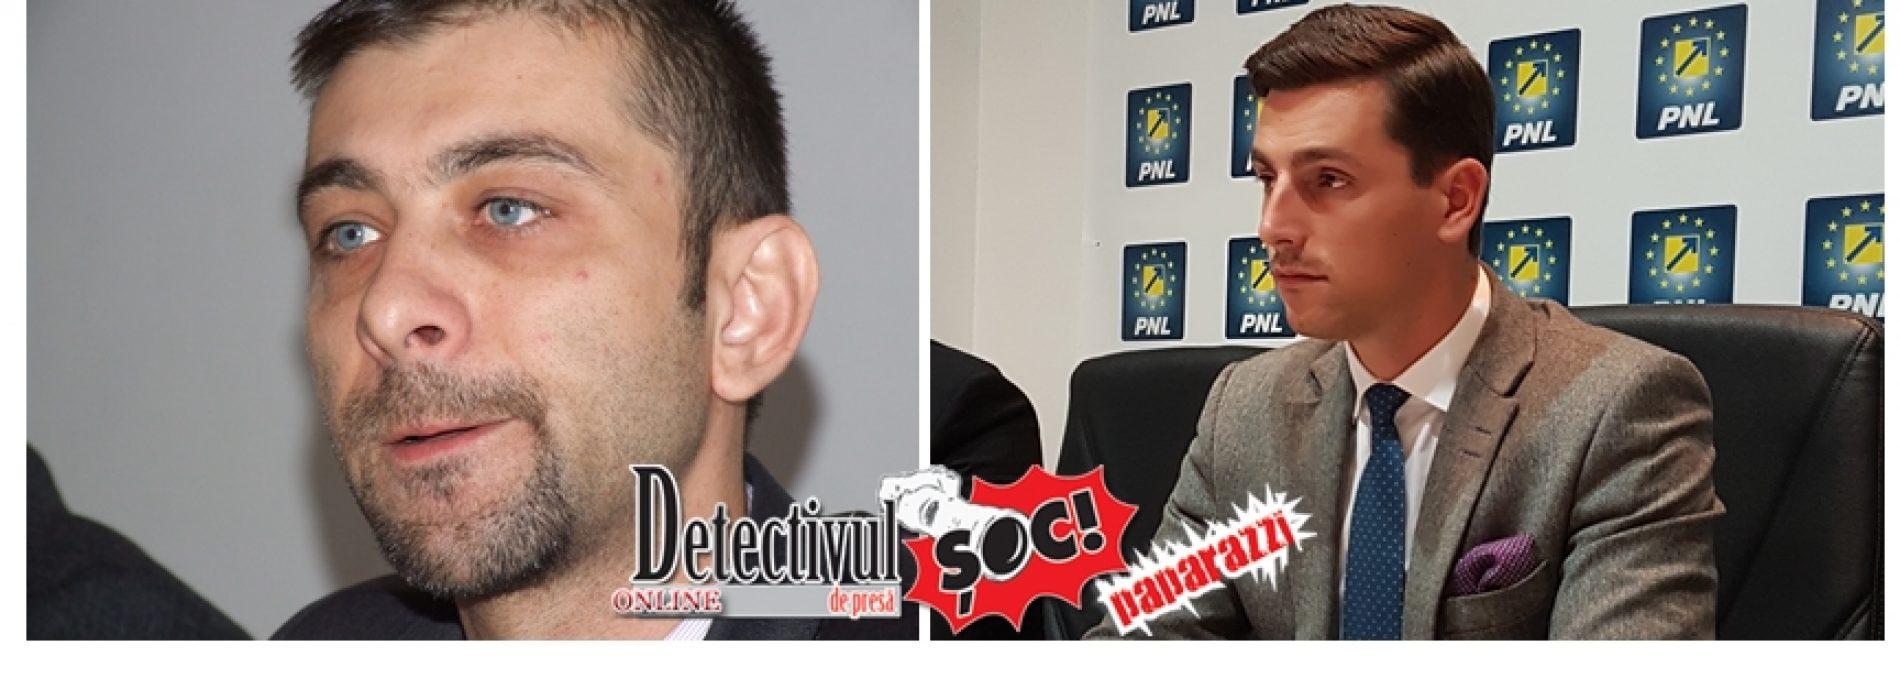 PROSTOVANUL Gabriel Zetea A CĂZUT din nou în moalele capului. Ionel Bogdan îi ARATĂ CUCUIUL! Meciul, Zetea 0 – 3 Bogdan, CONTINUĂ!